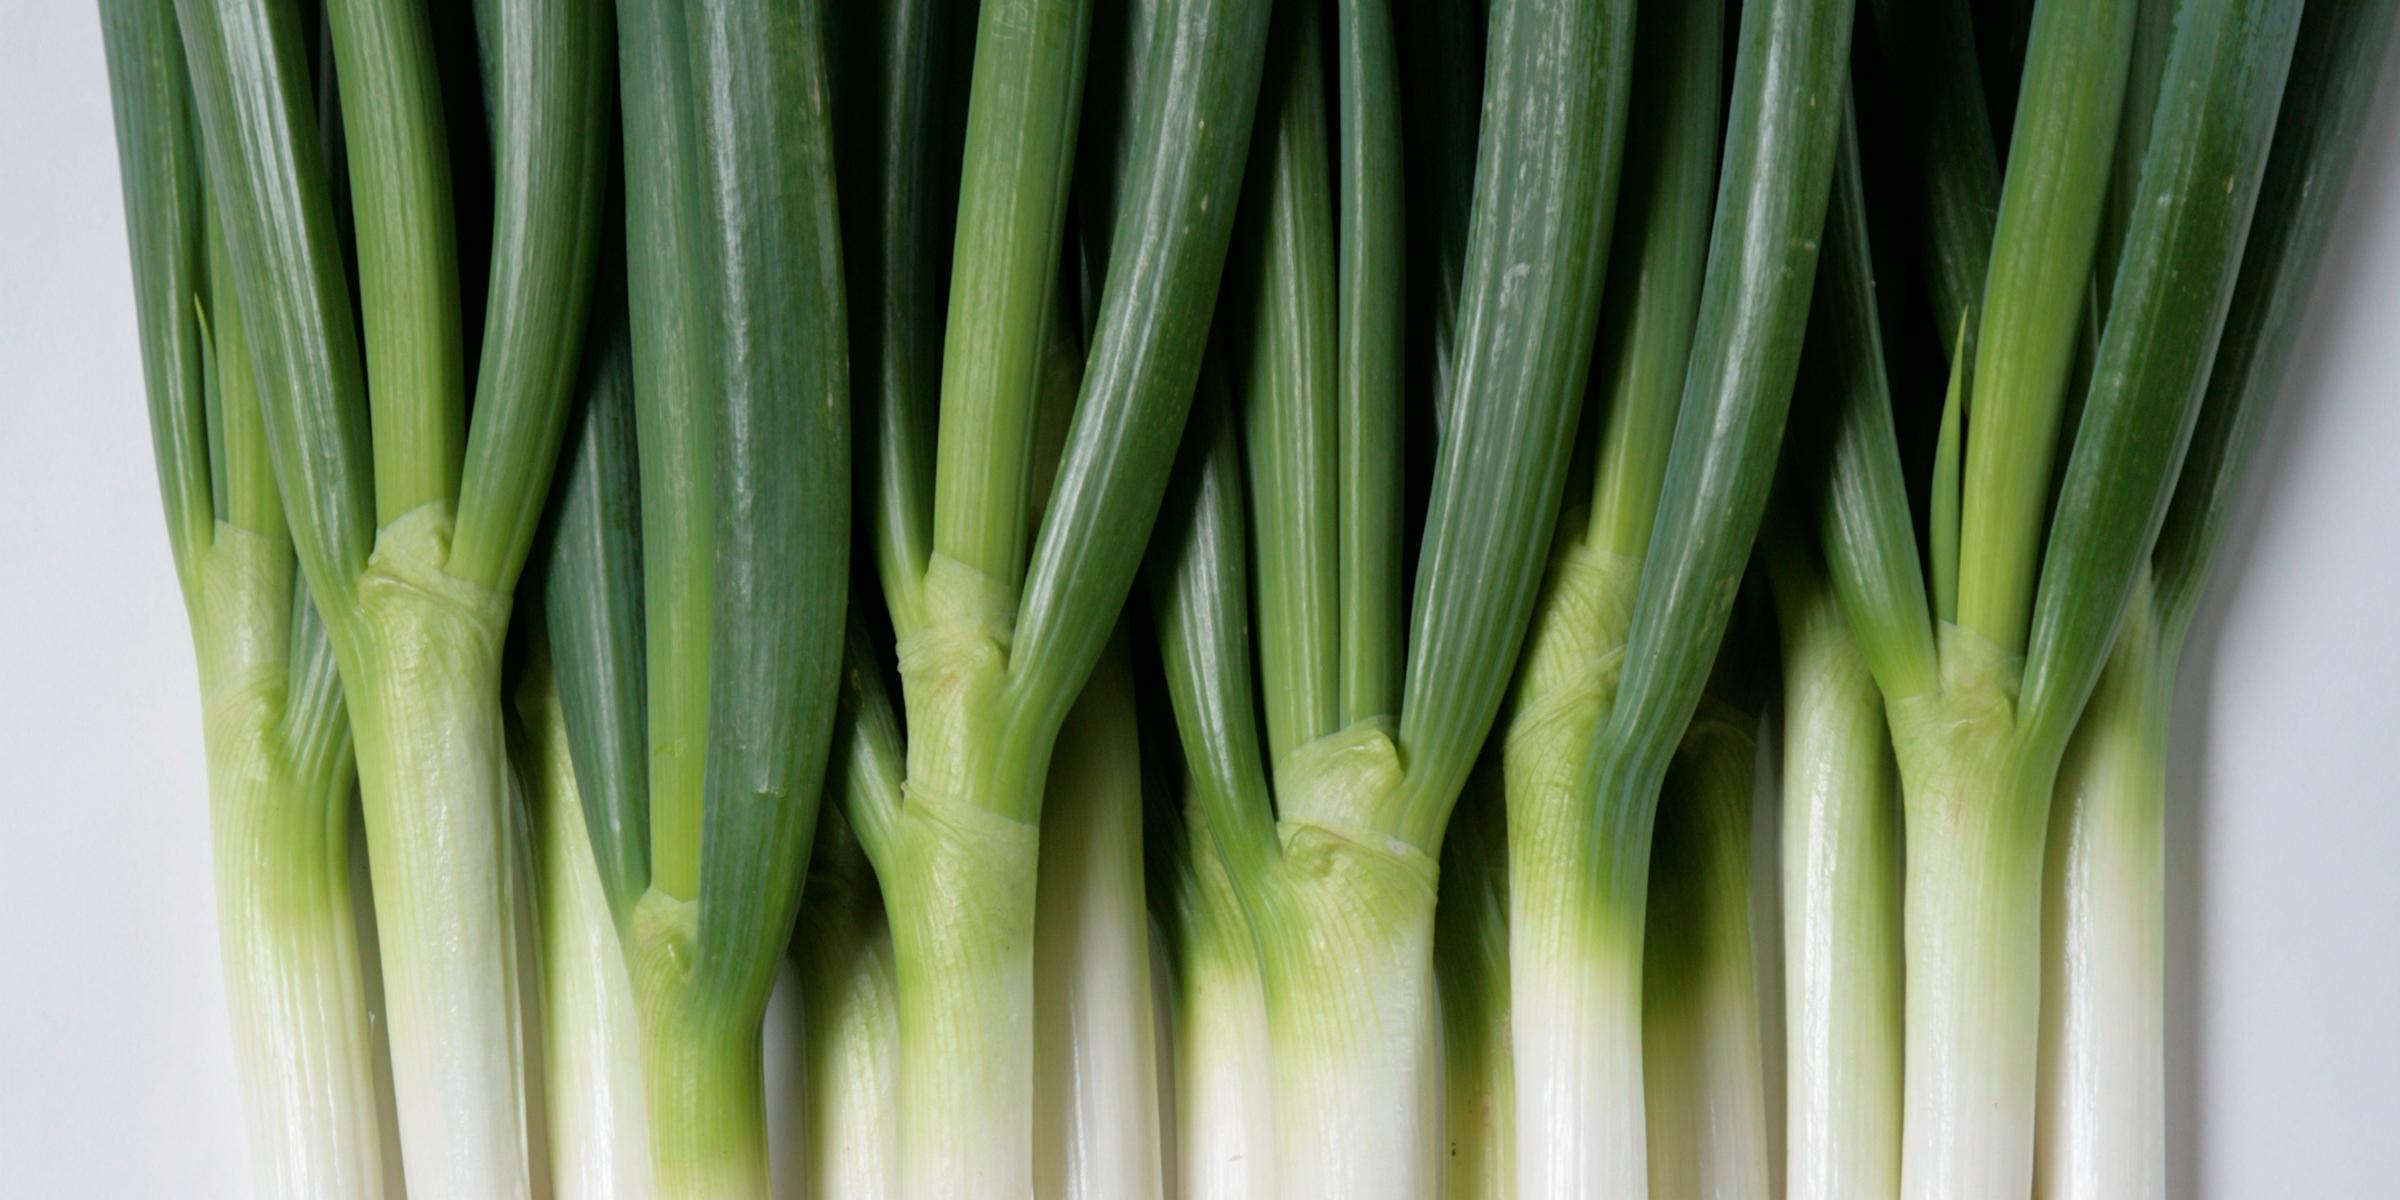 白ねぎ(長ネギ)の緑の部分も捨てないで!緑の部分の栄養価やおすすめの食べ方ご紹介♪